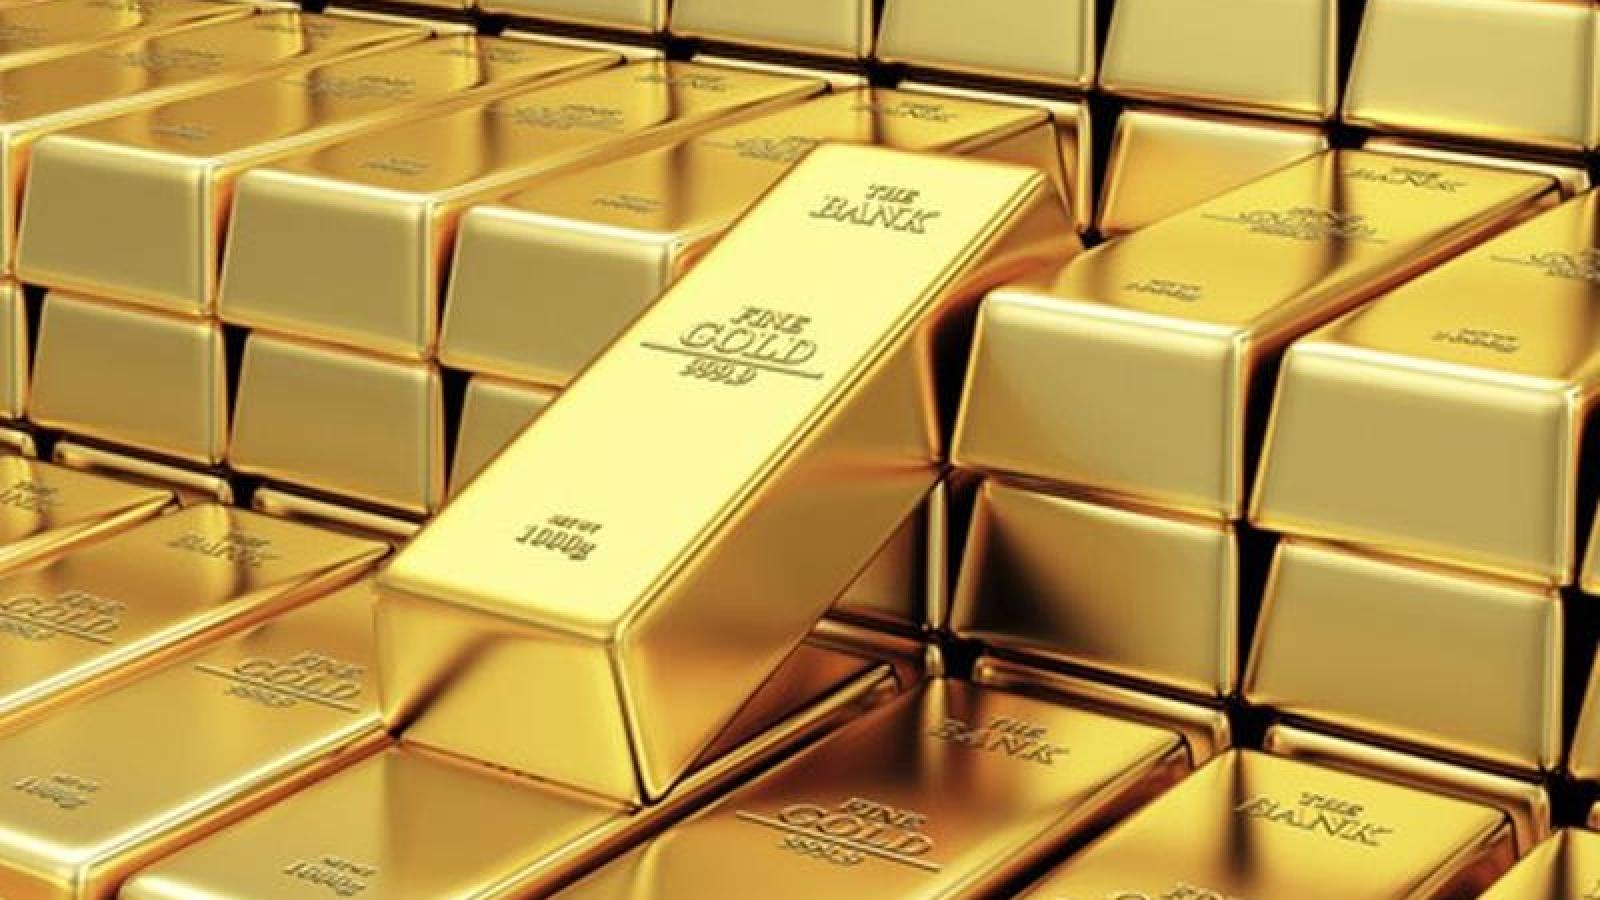 Giá vàng hôm nay 2/6: Vàng trong nước quay đầu giảm